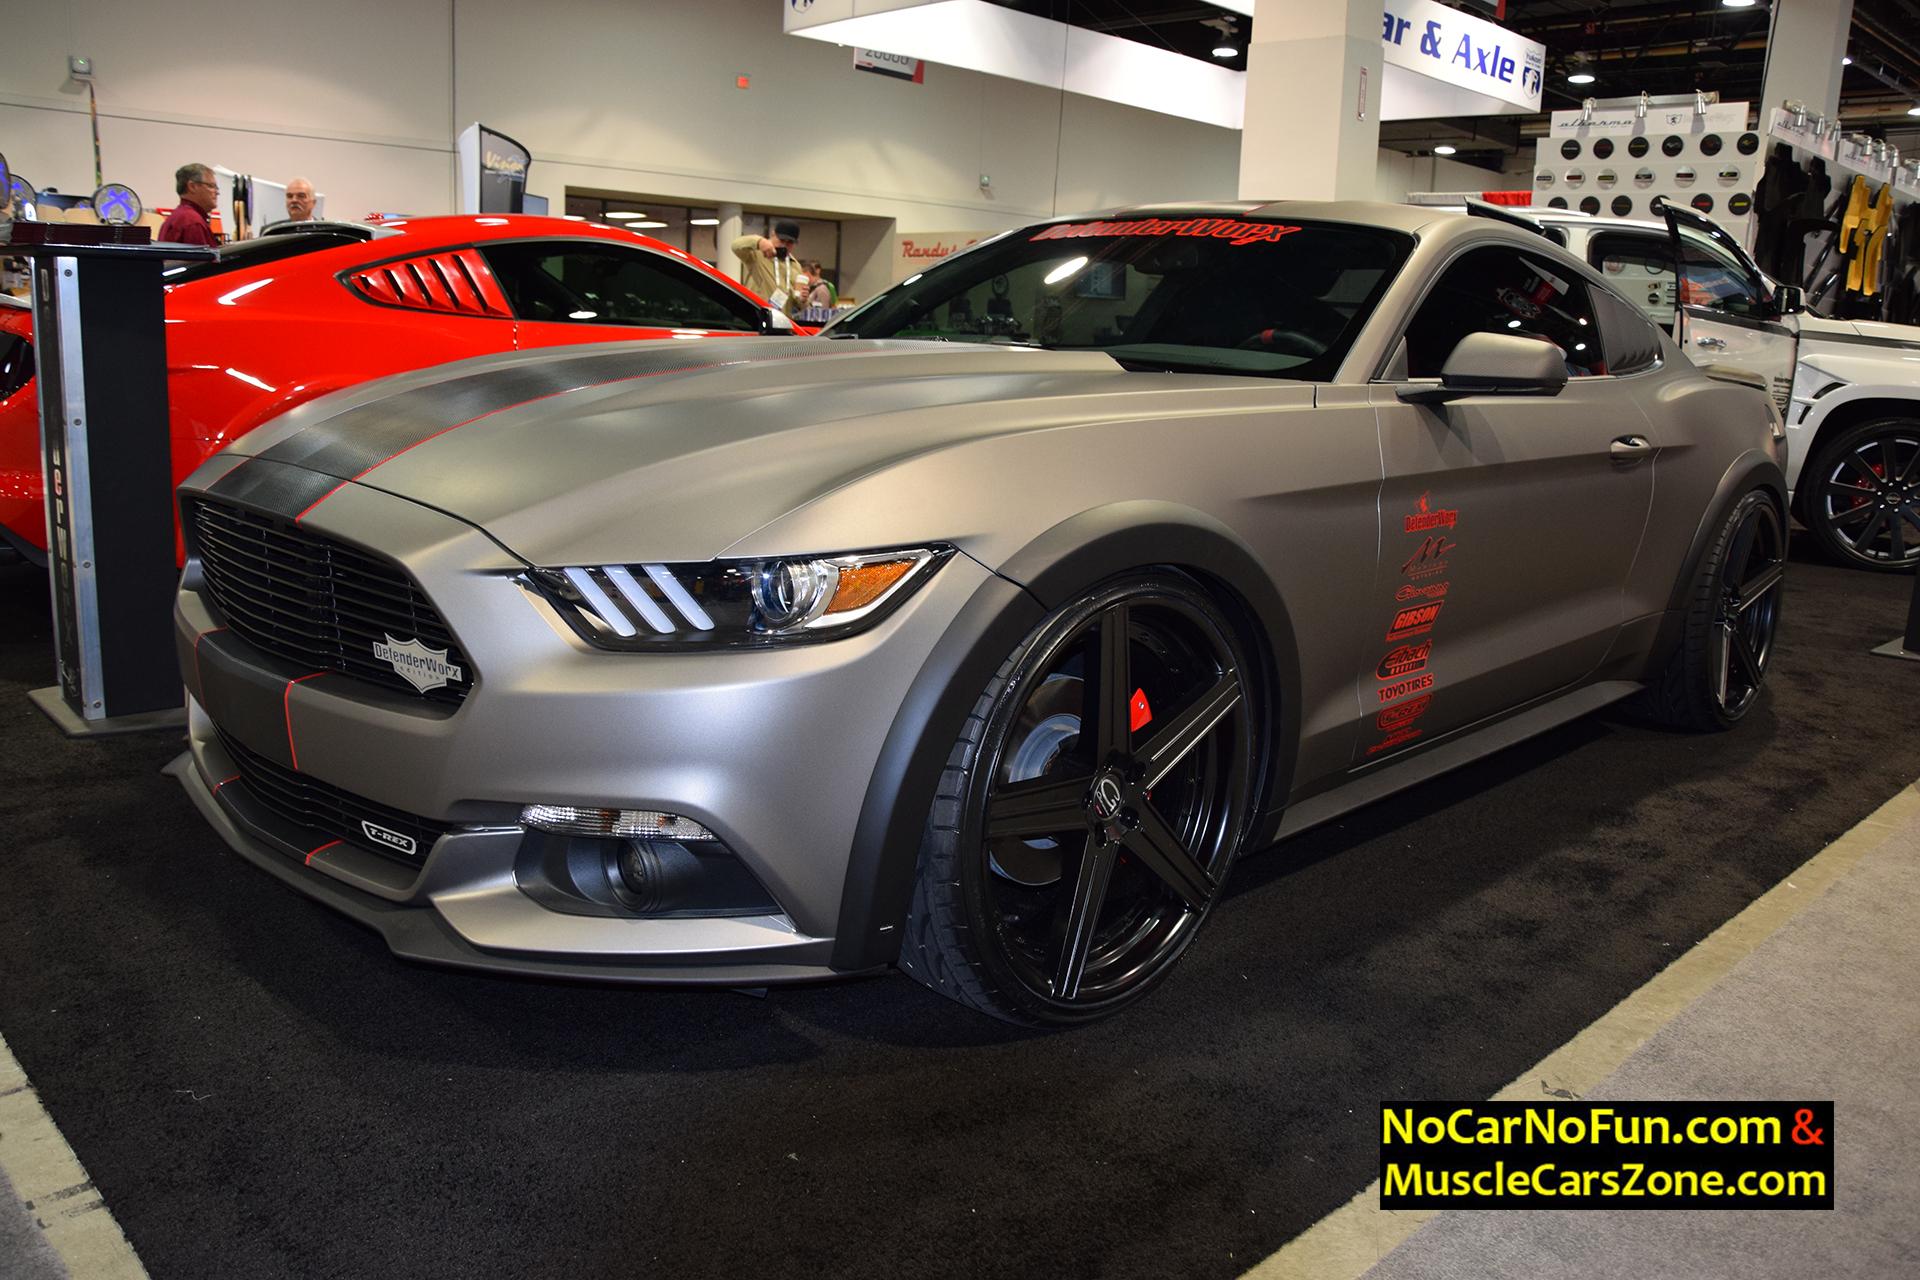 custom ford mustang gt  defenderworx  sema motor show   car  fun muscle cars